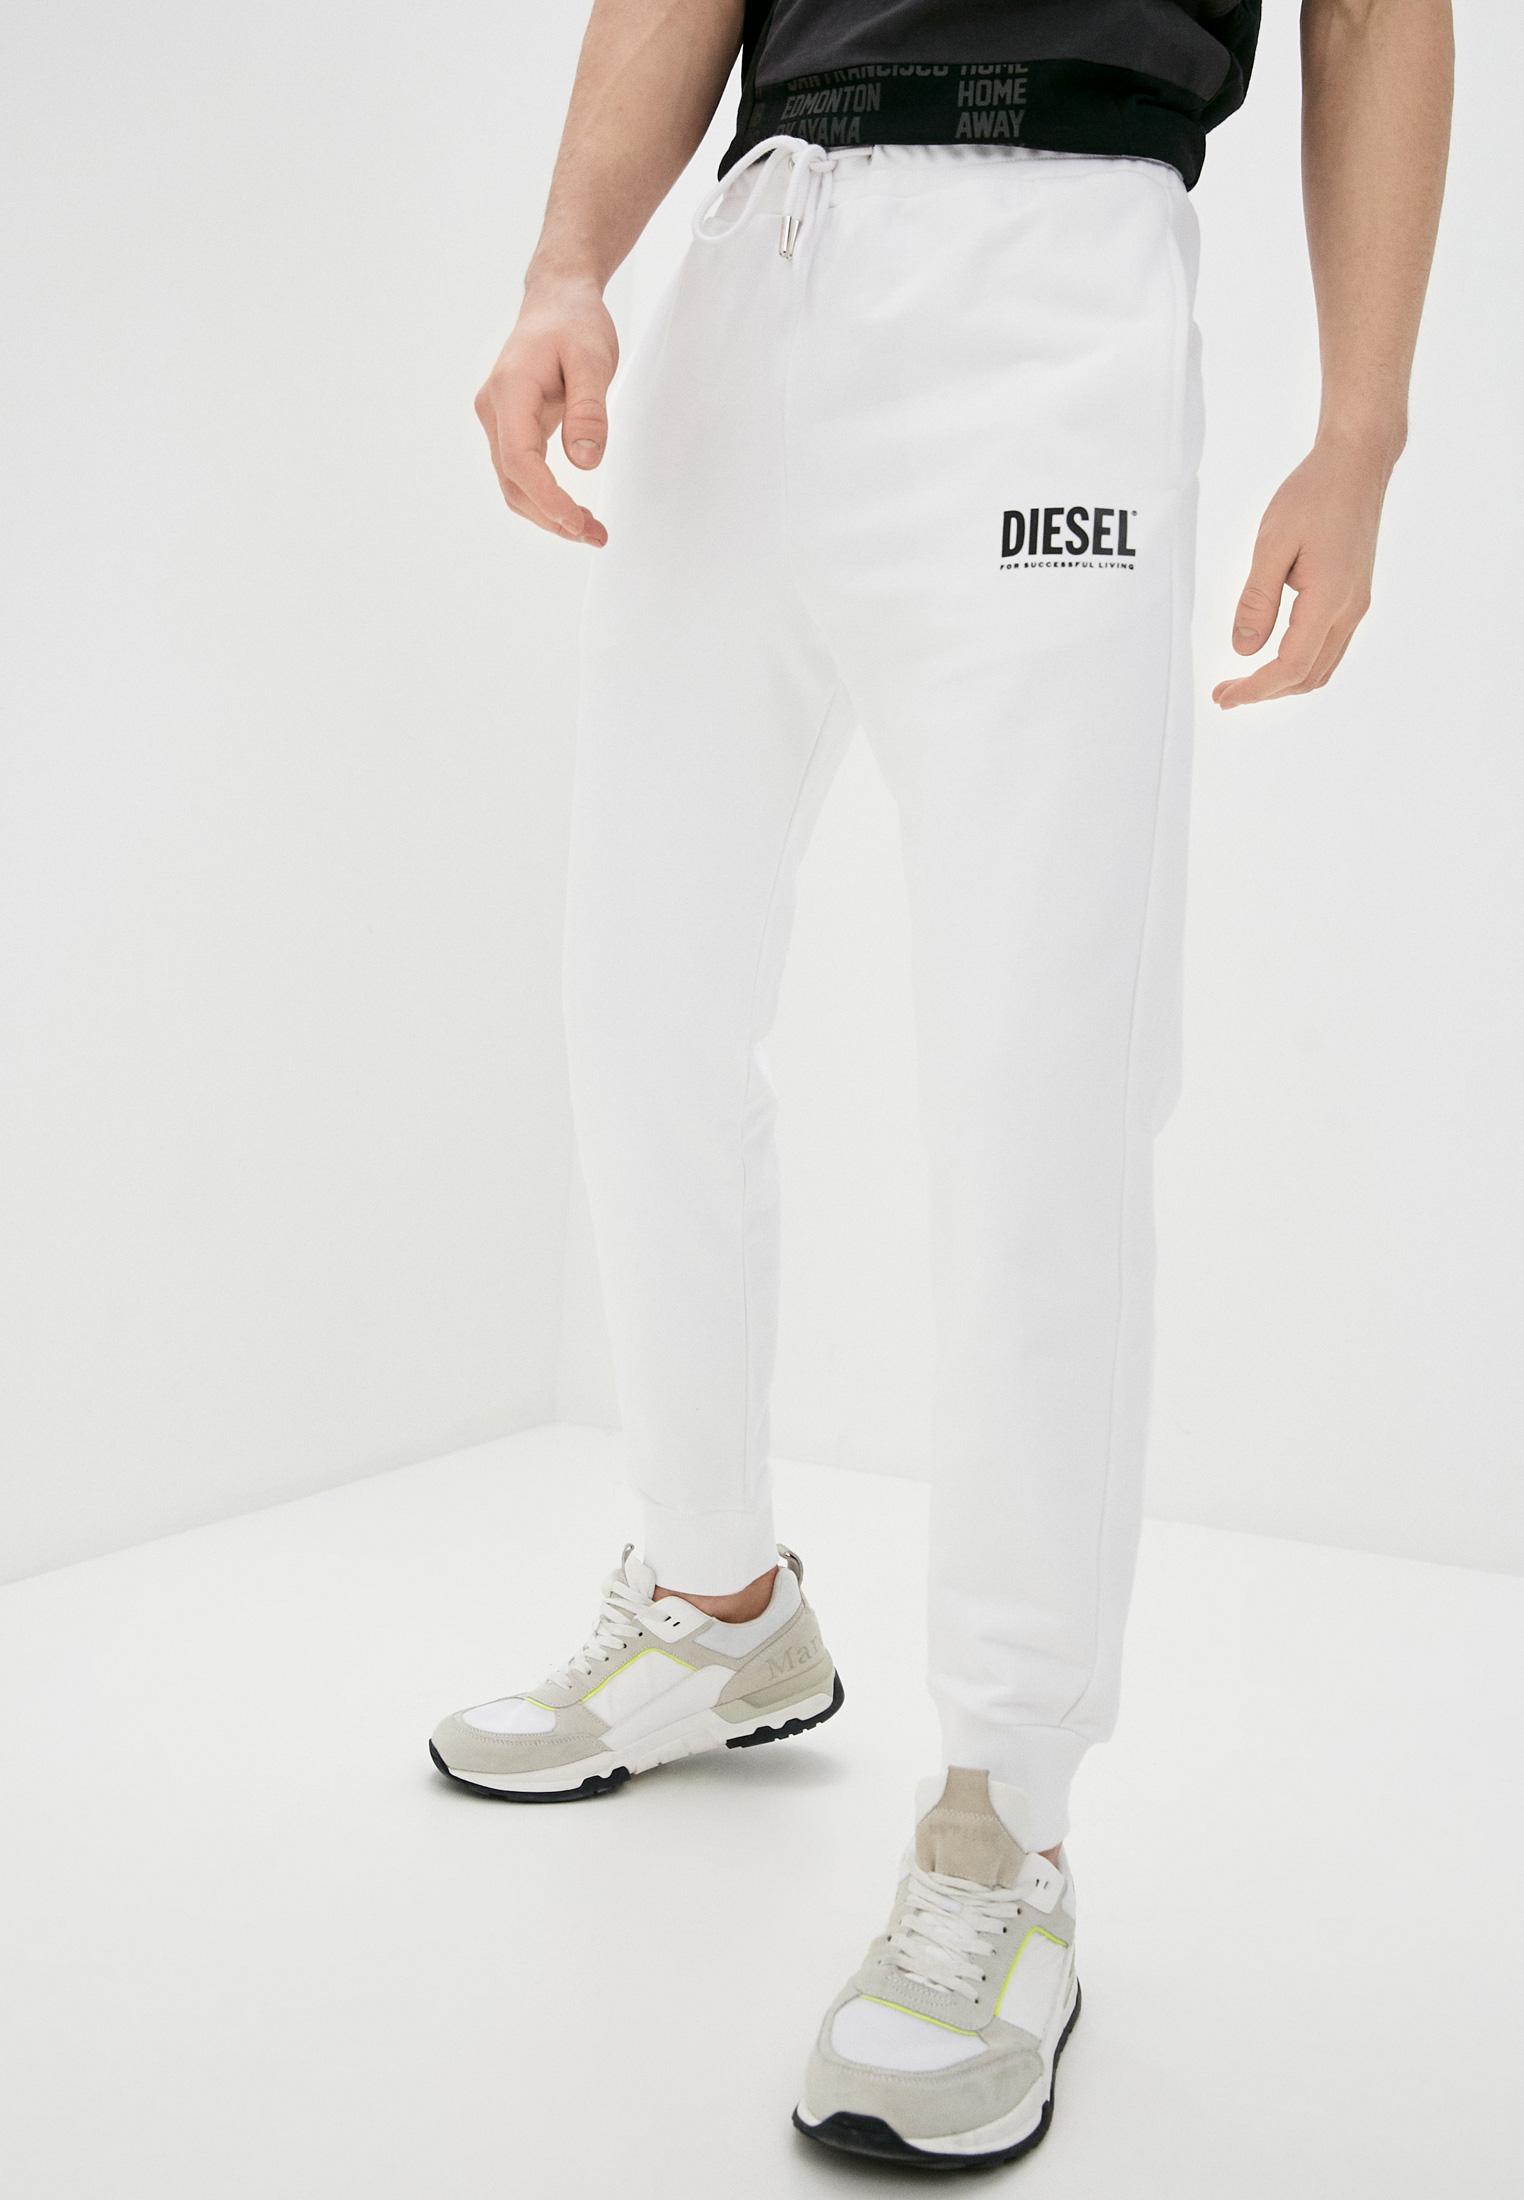 Мужские спортивные брюки Diesel (Дизель) Брюки спортивные Diesel